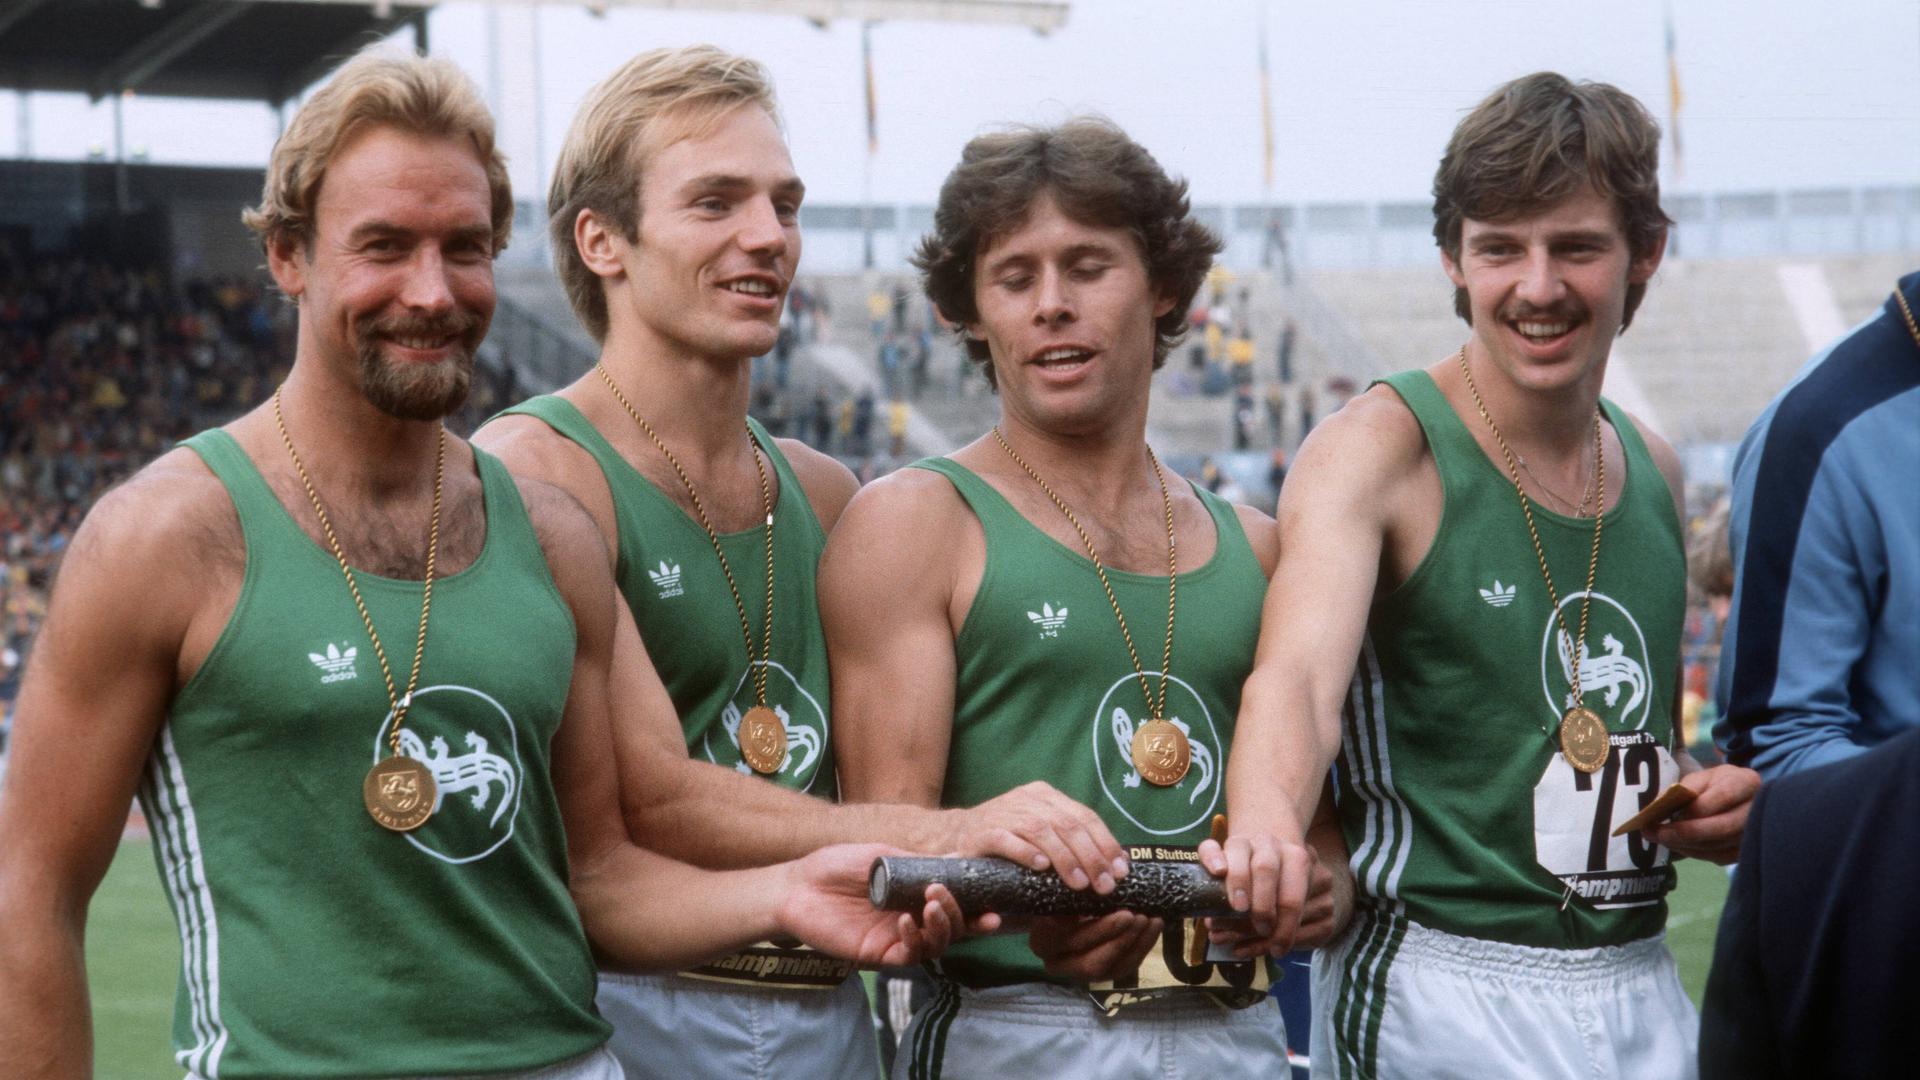 Deutsche Leichtathletik Meisterschaft 1979 in Stuttgart, 4x100m Staffel Meister SV Salamander Kornwestheim (Wolfgang Jäger, Dieter Gebhard, Bruno Werner, Peter Klein)